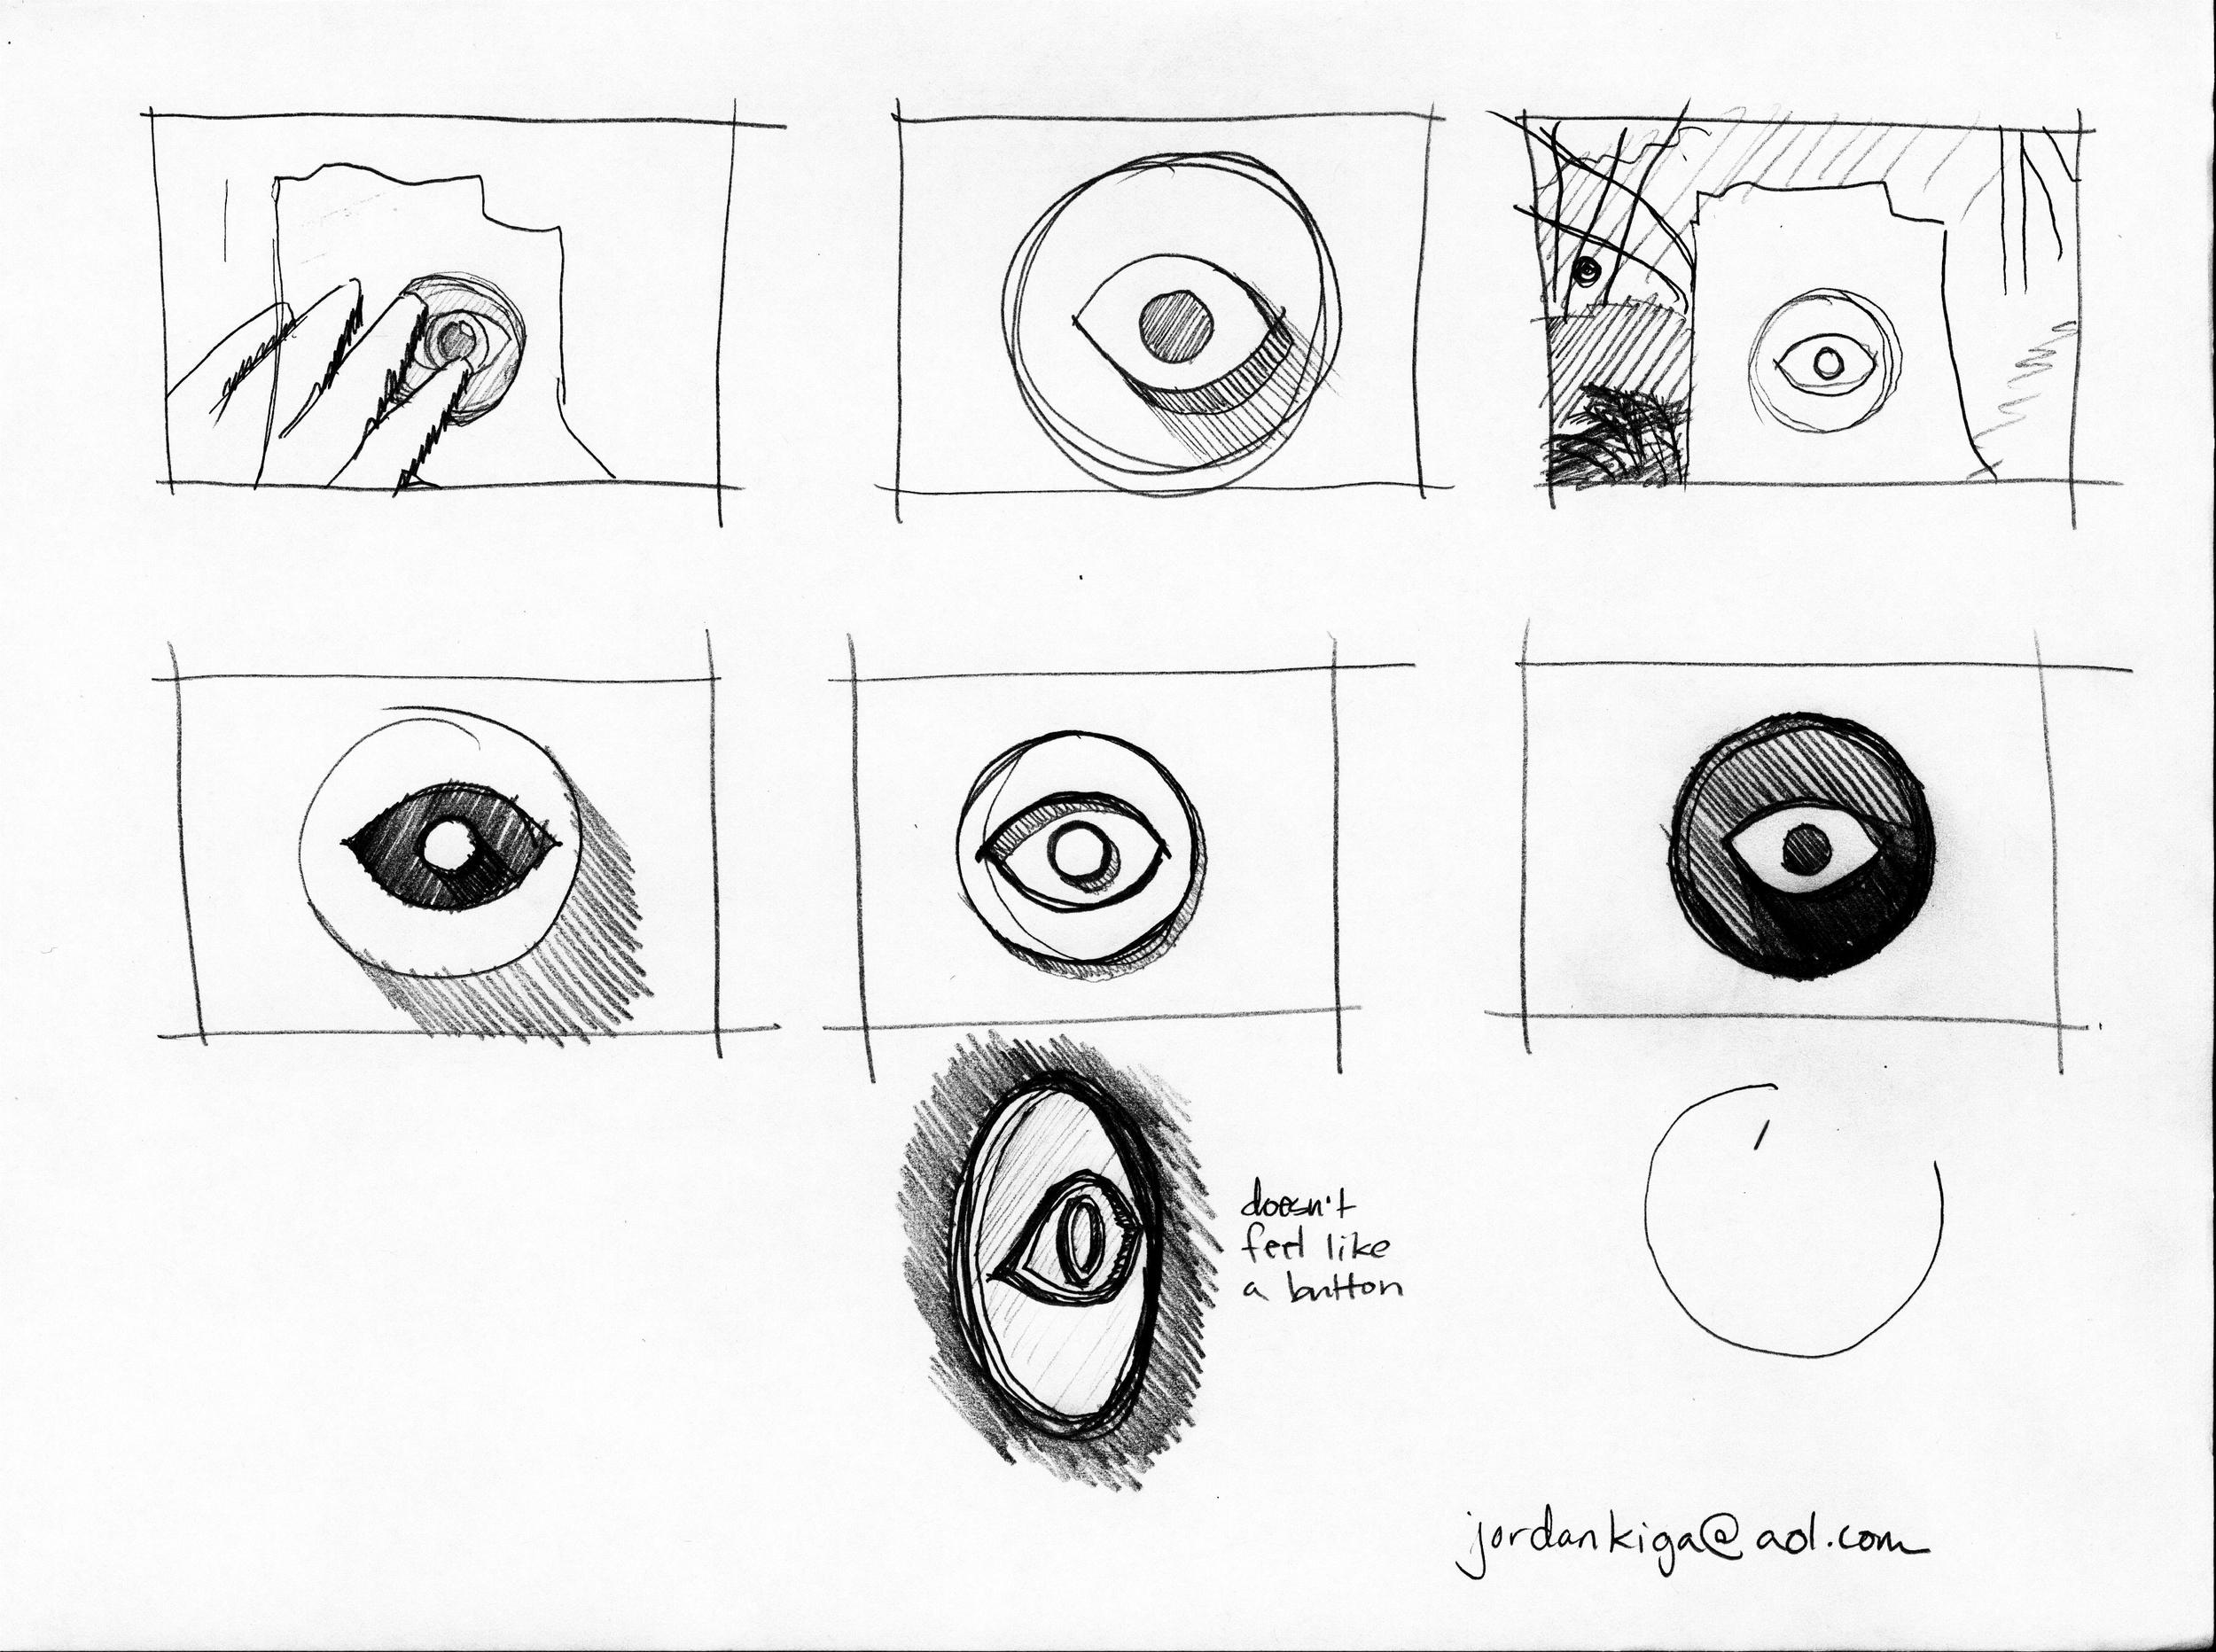 FinalSketches-6.jpg